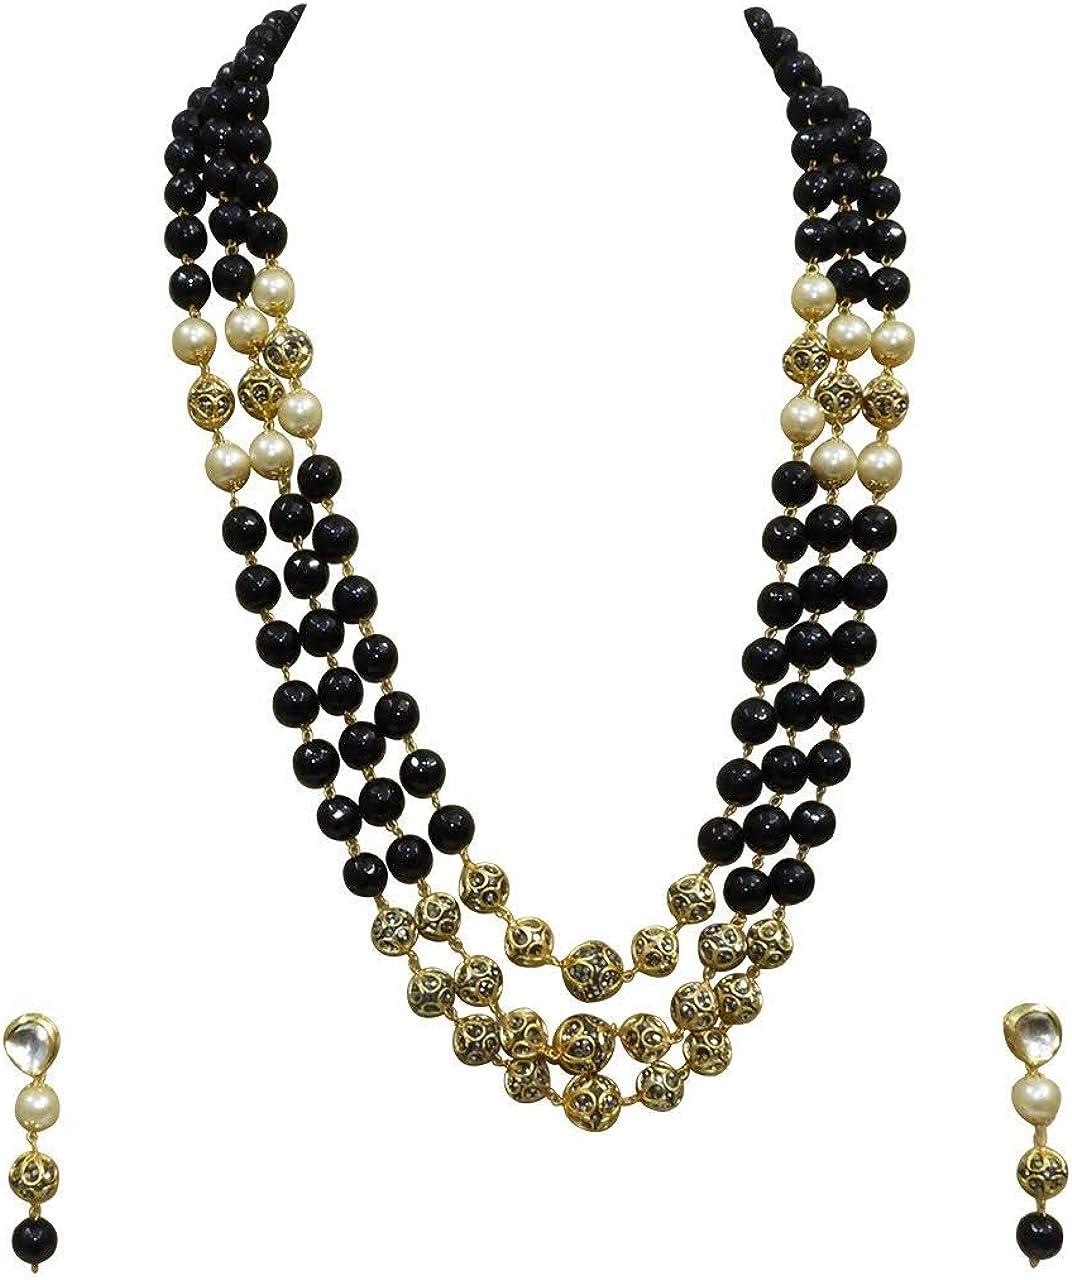 Babosa Sakhi Bollywood Maroon Onyx Necklace Indian Wedding Antique Jewelry Long Jewelry Set